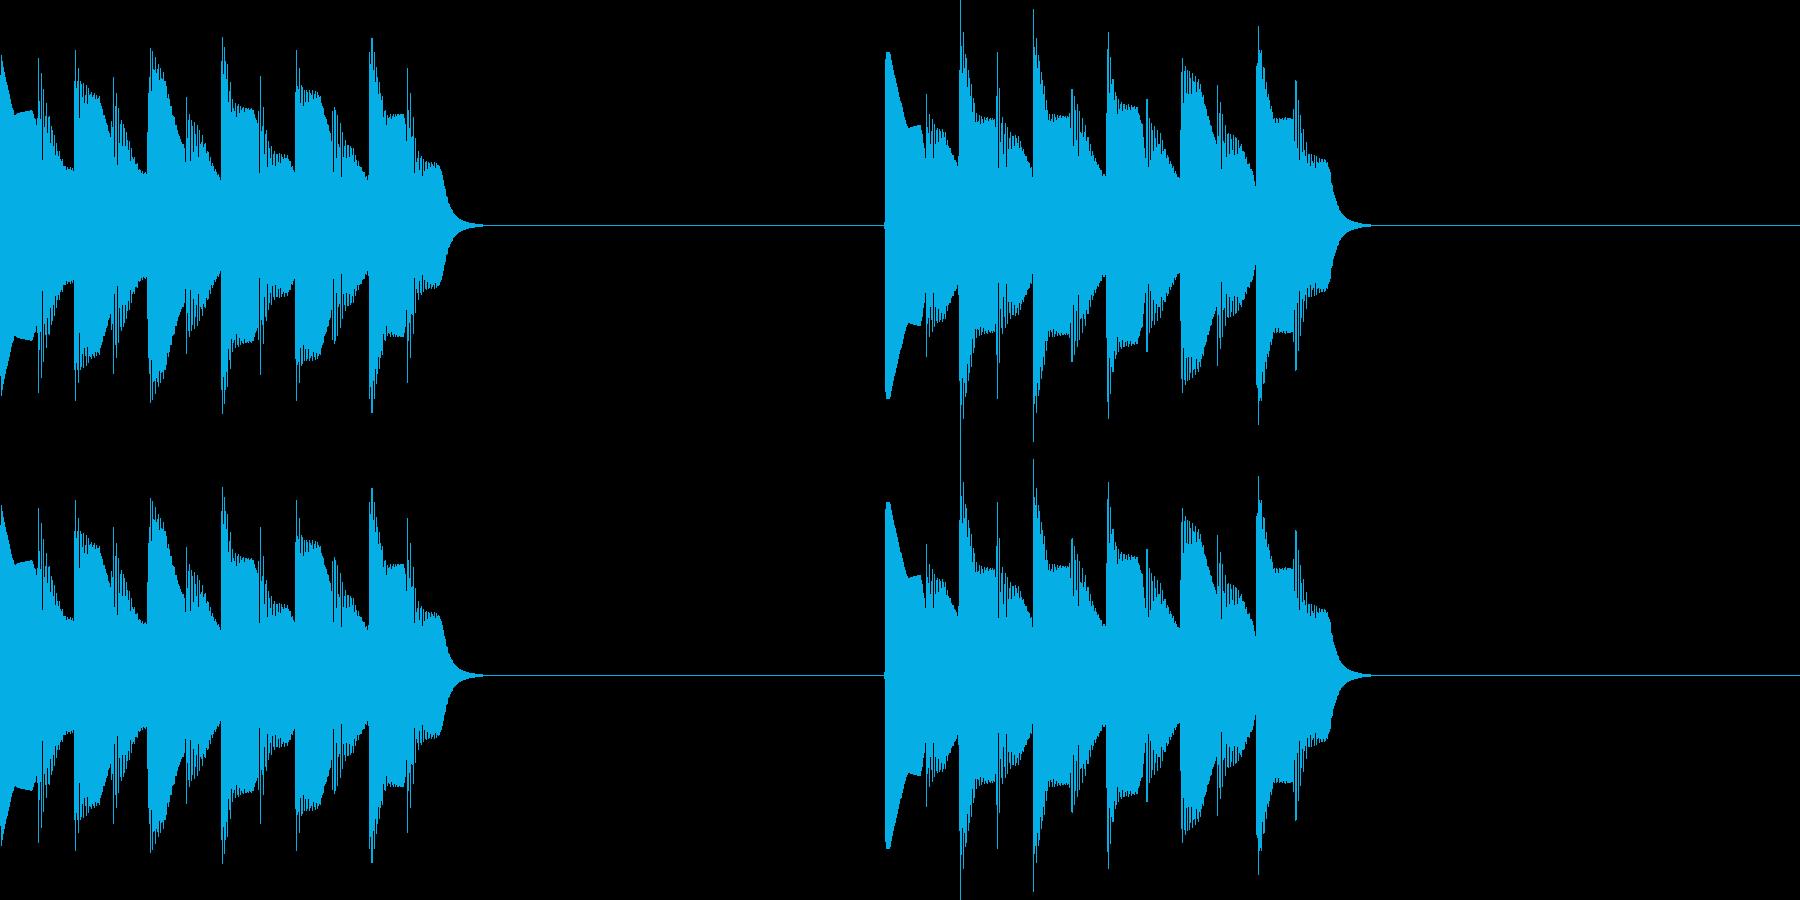 ピロピロ..。電話の着信音A(短)の再生済みの波形